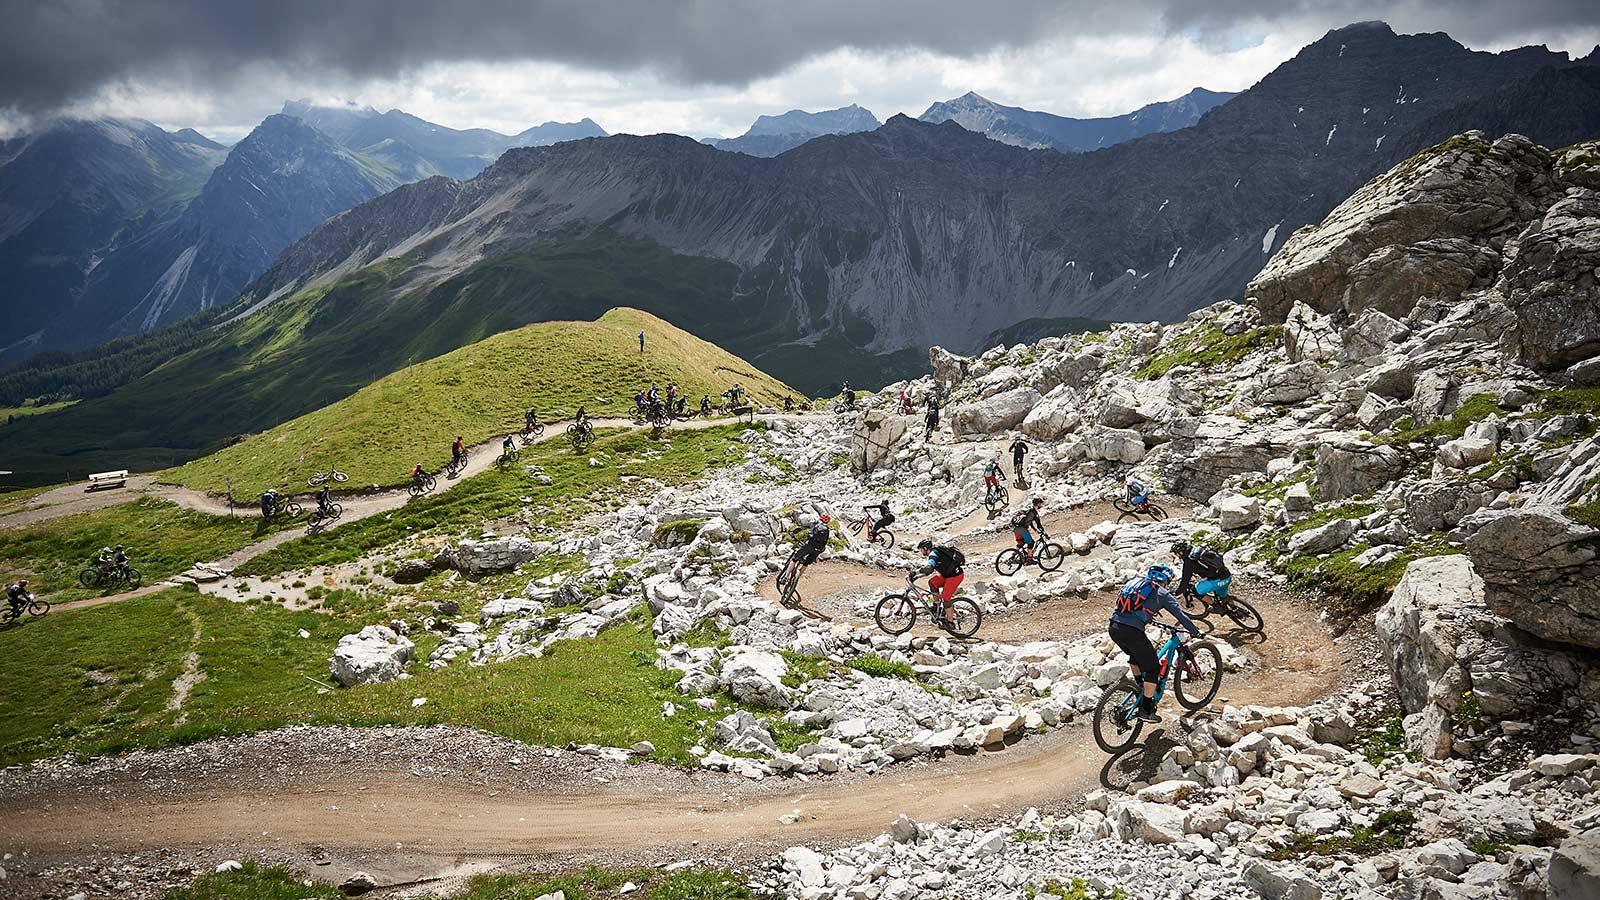 Event Hörnlijagd 2020 Arosa - Trails